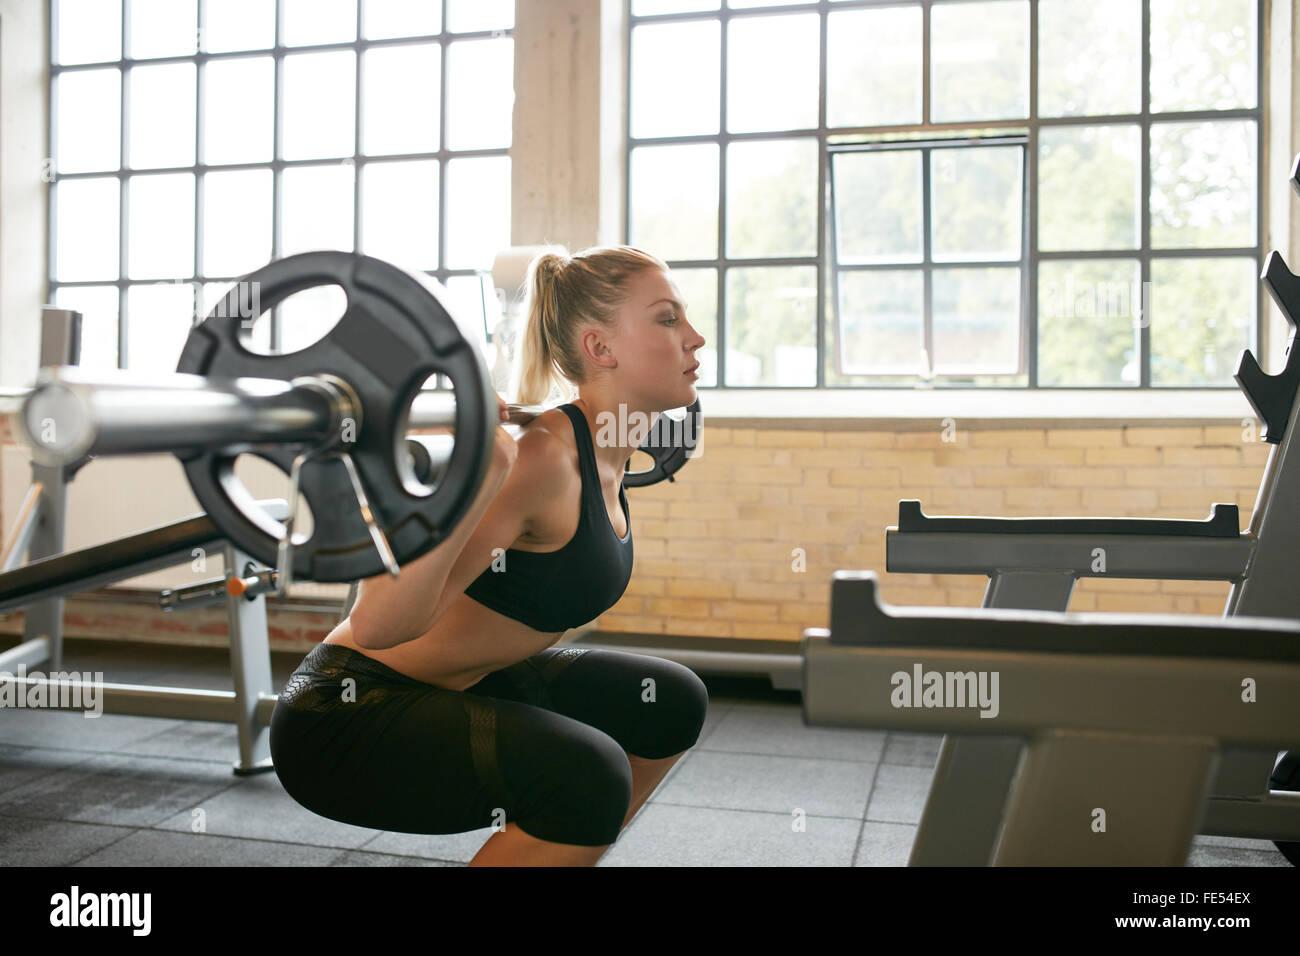 Mujer trabajando en un gimnasio haciendo flexiones. Joven que trabaja utilizando barbell con pesos pesados en un Imagen De Stock